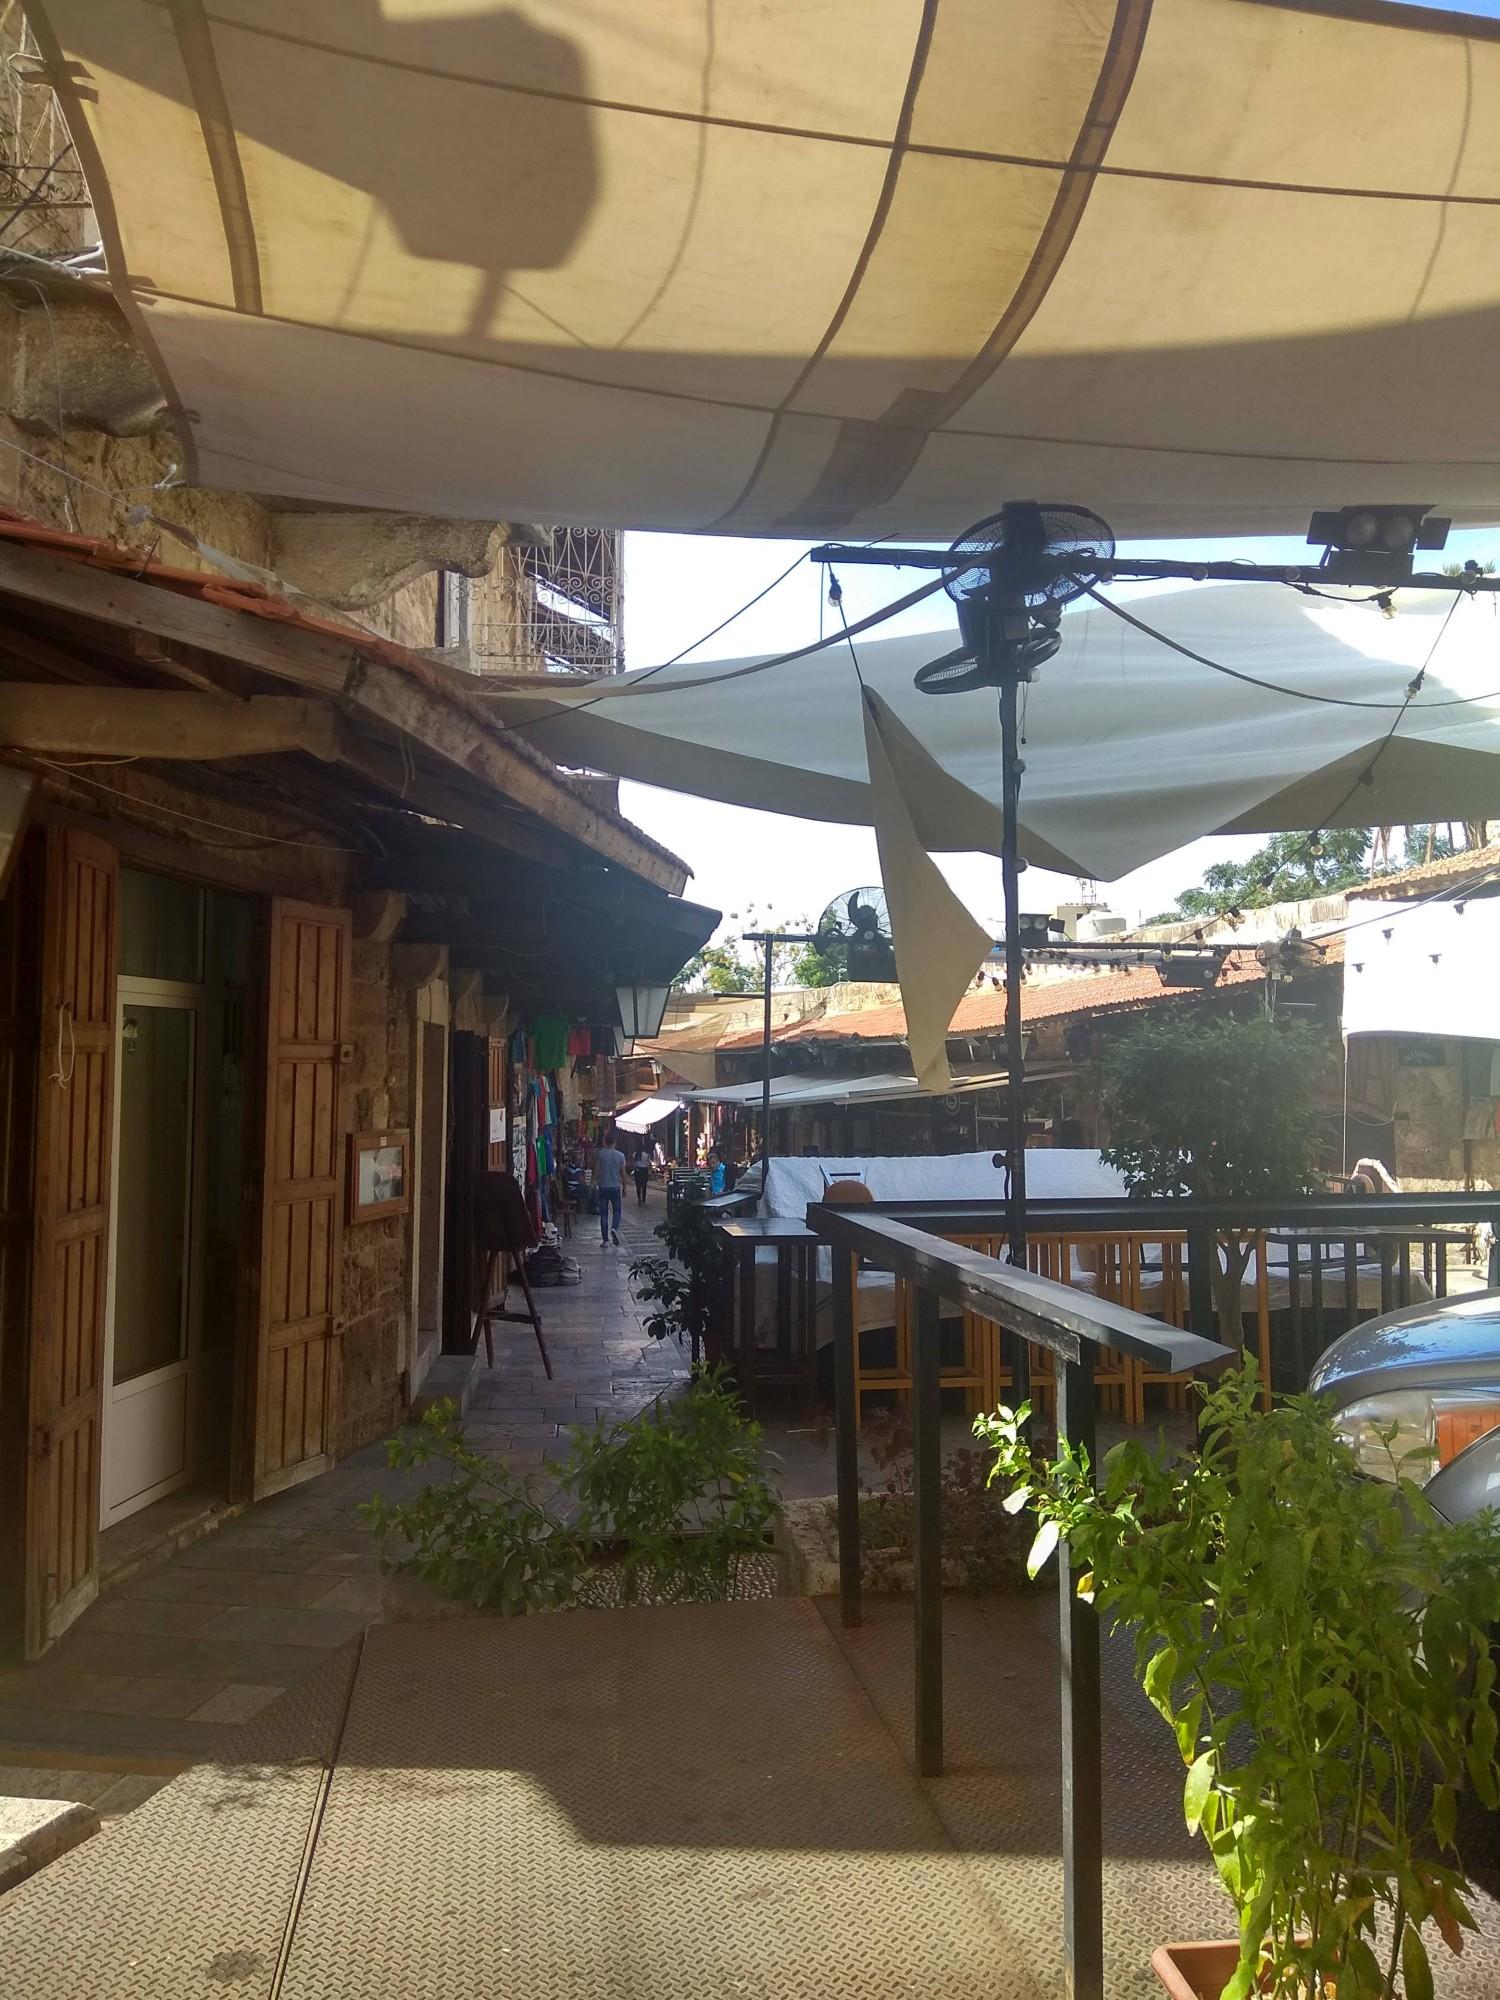 Ulicka1-Byblos